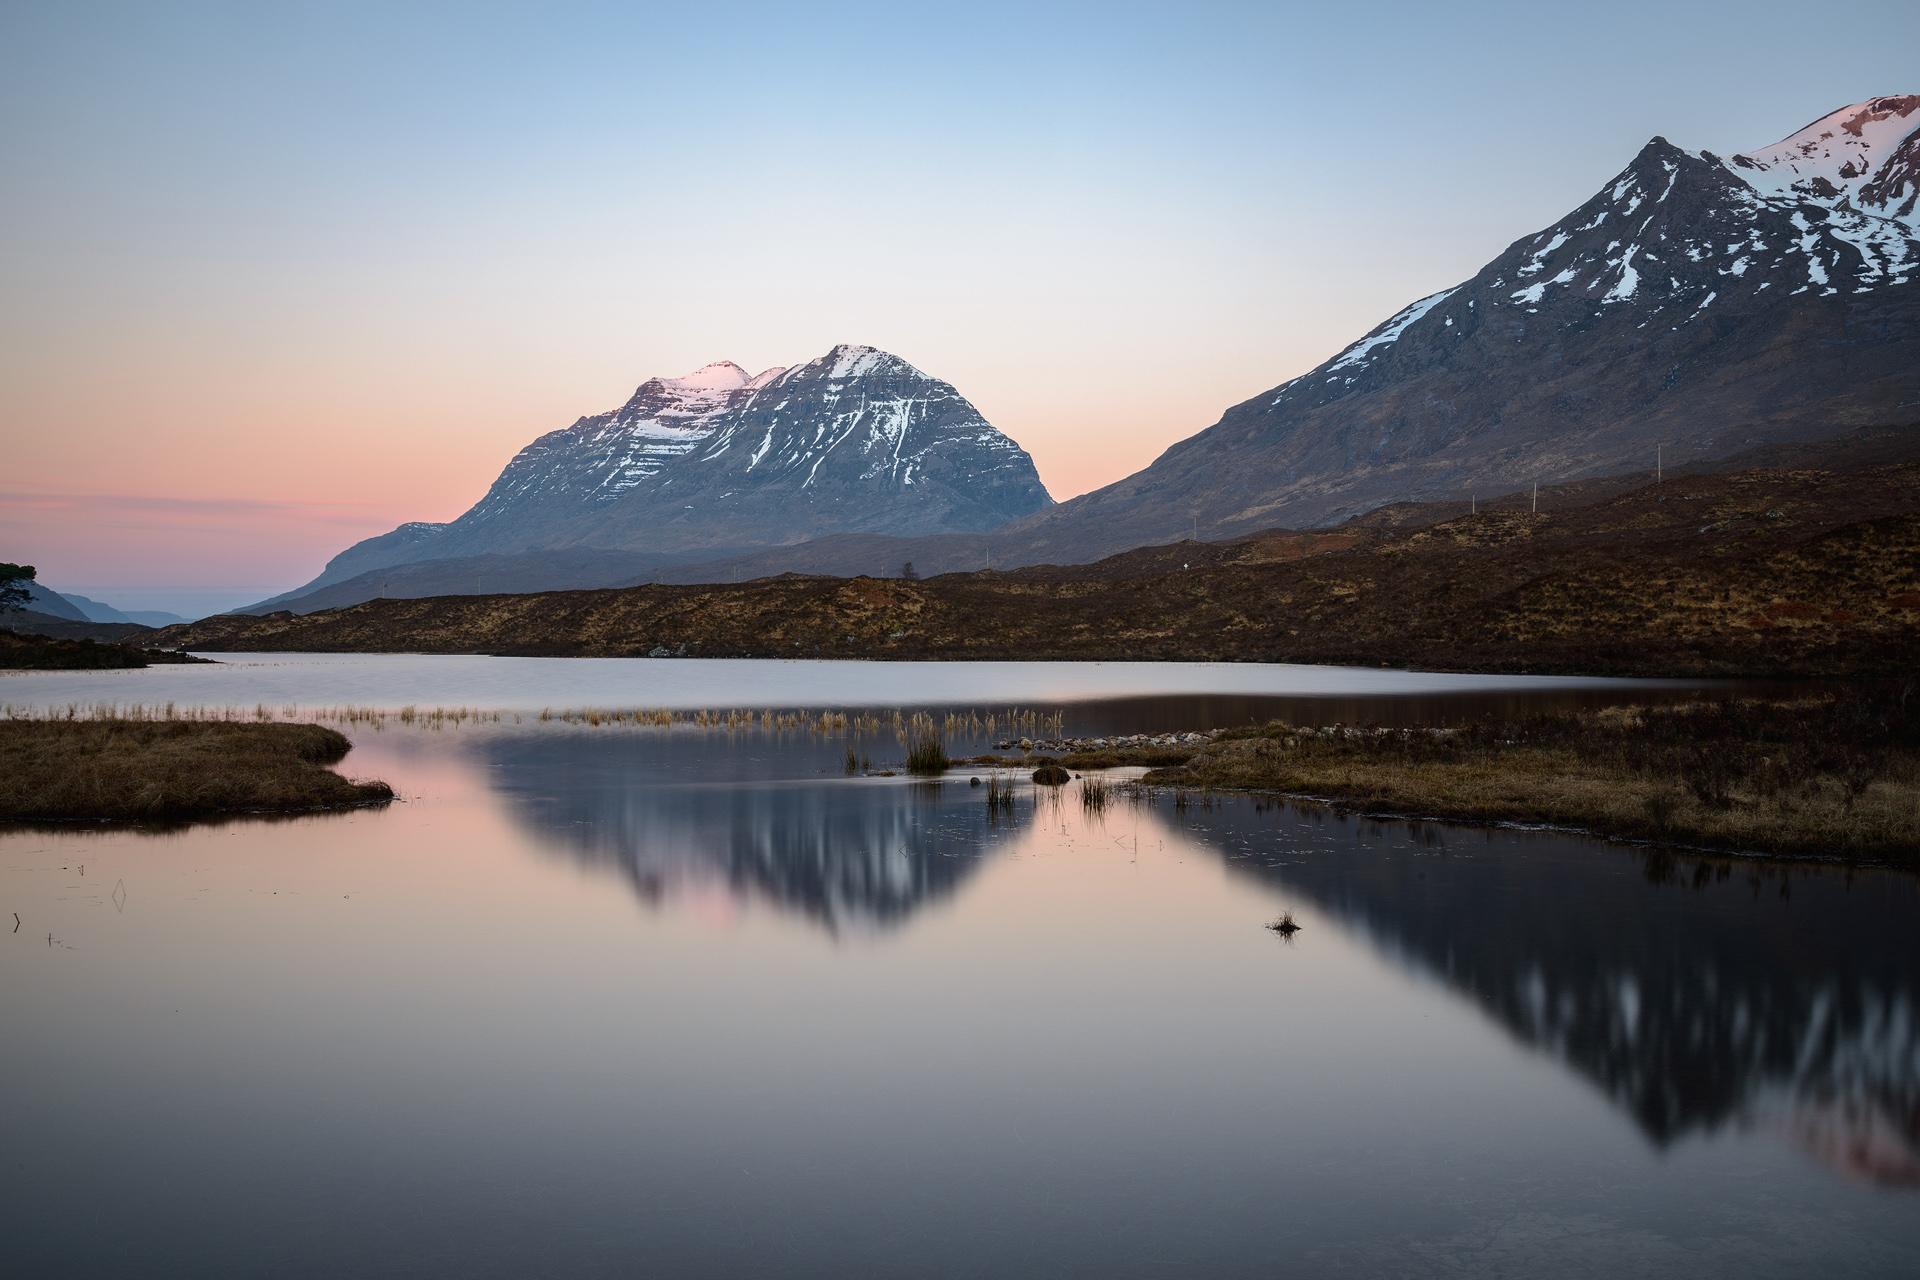 Liathach Dawn Reflection